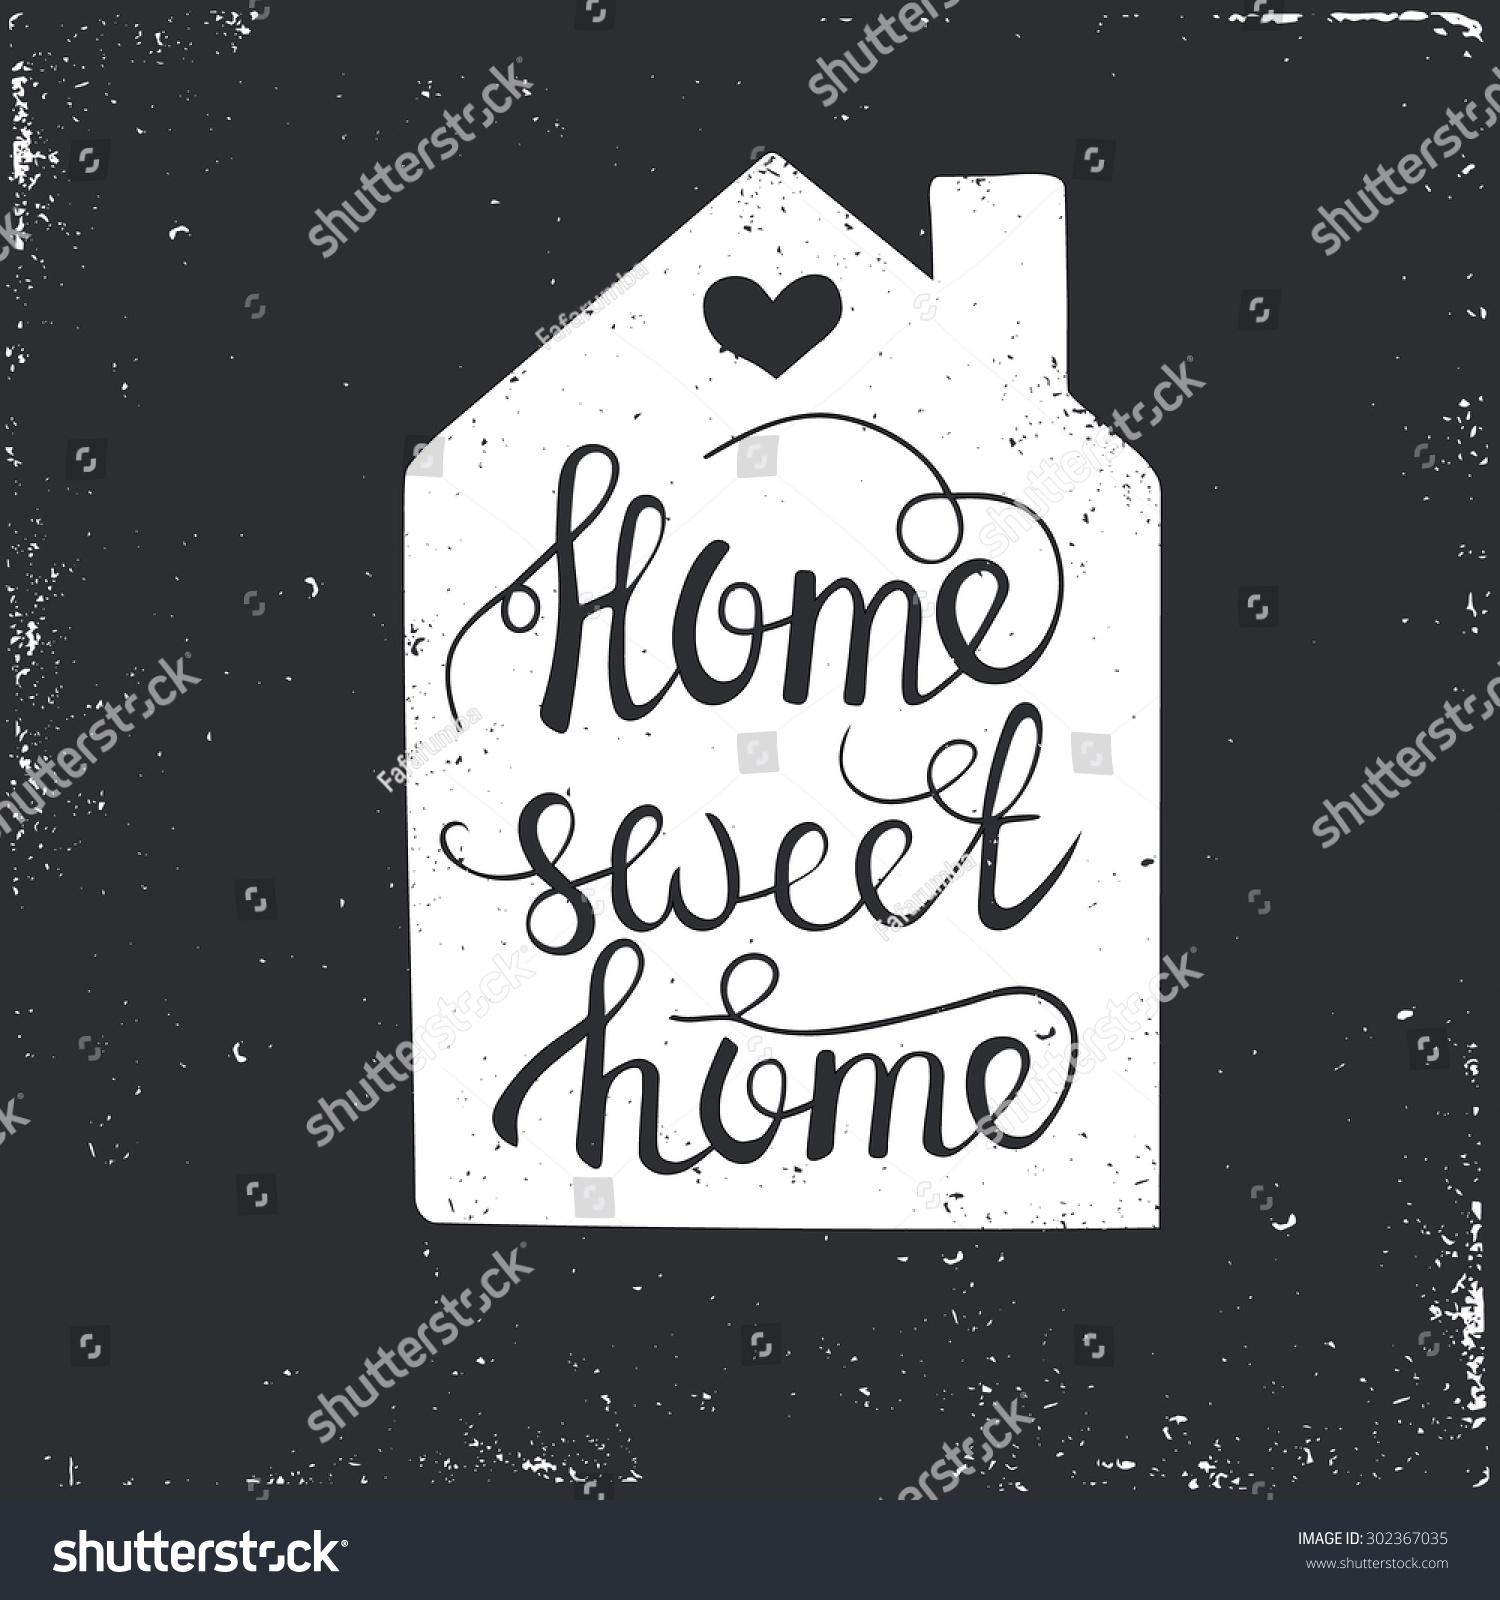 home search clip art - photo #4